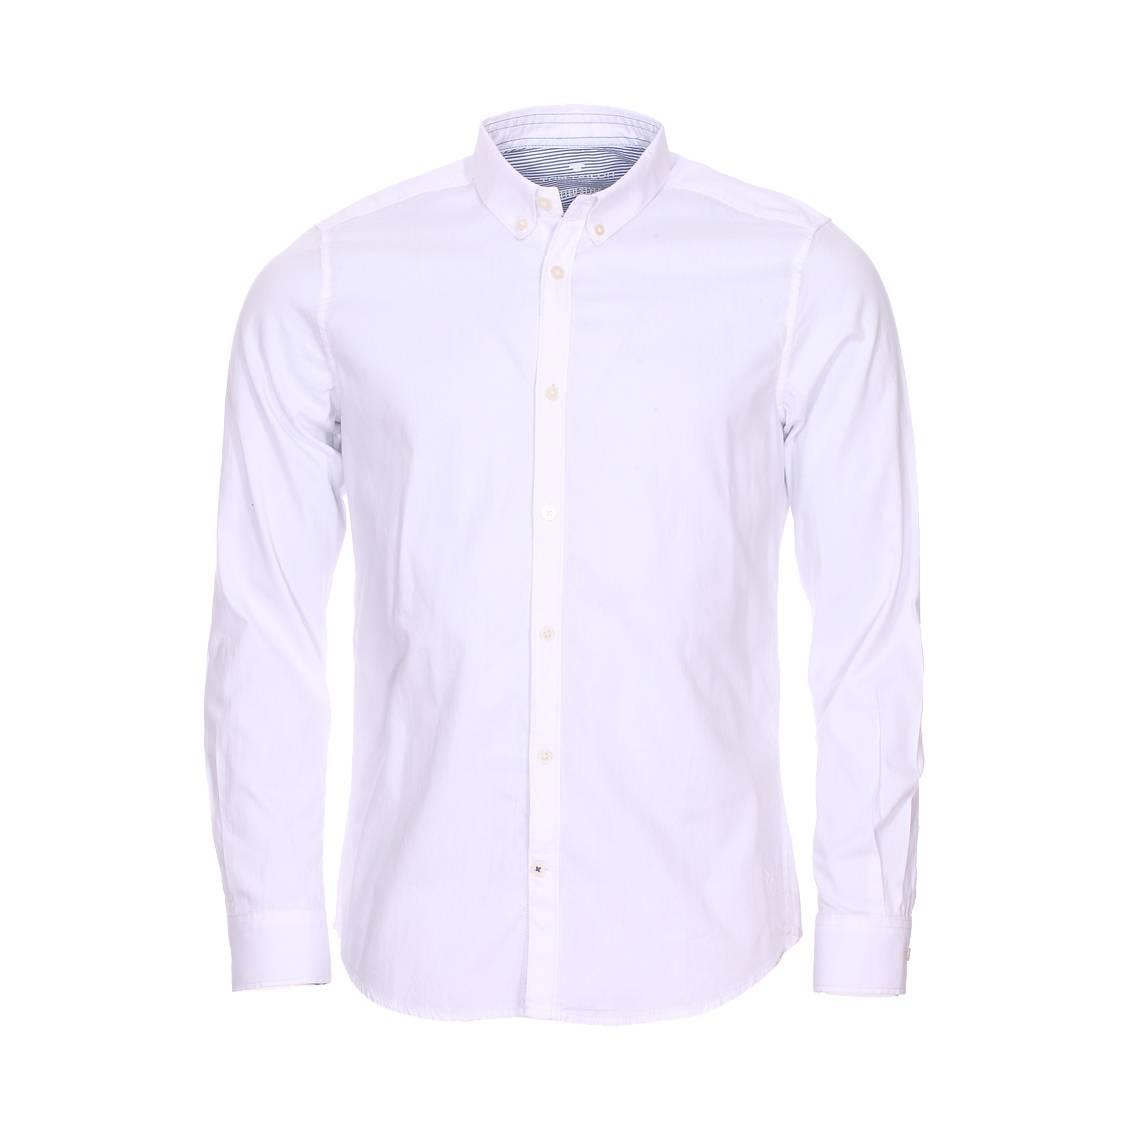 Chemise ajustée  floyd en coton blanc à opposition blanche à rayures bleu chiné